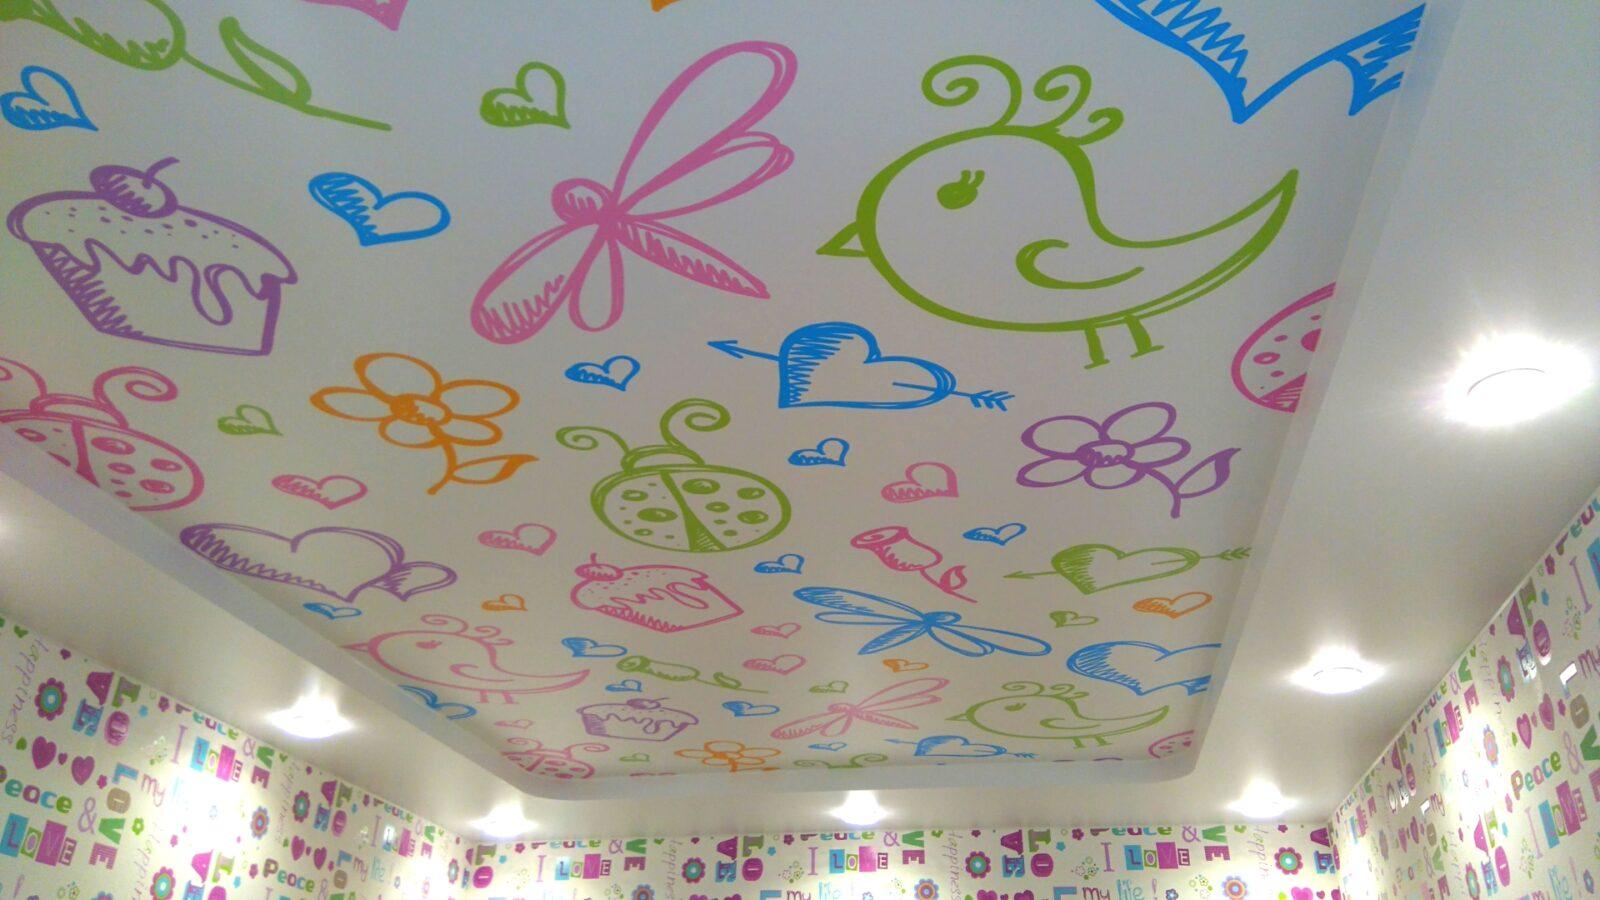 дизайн натяжного потолка для детской